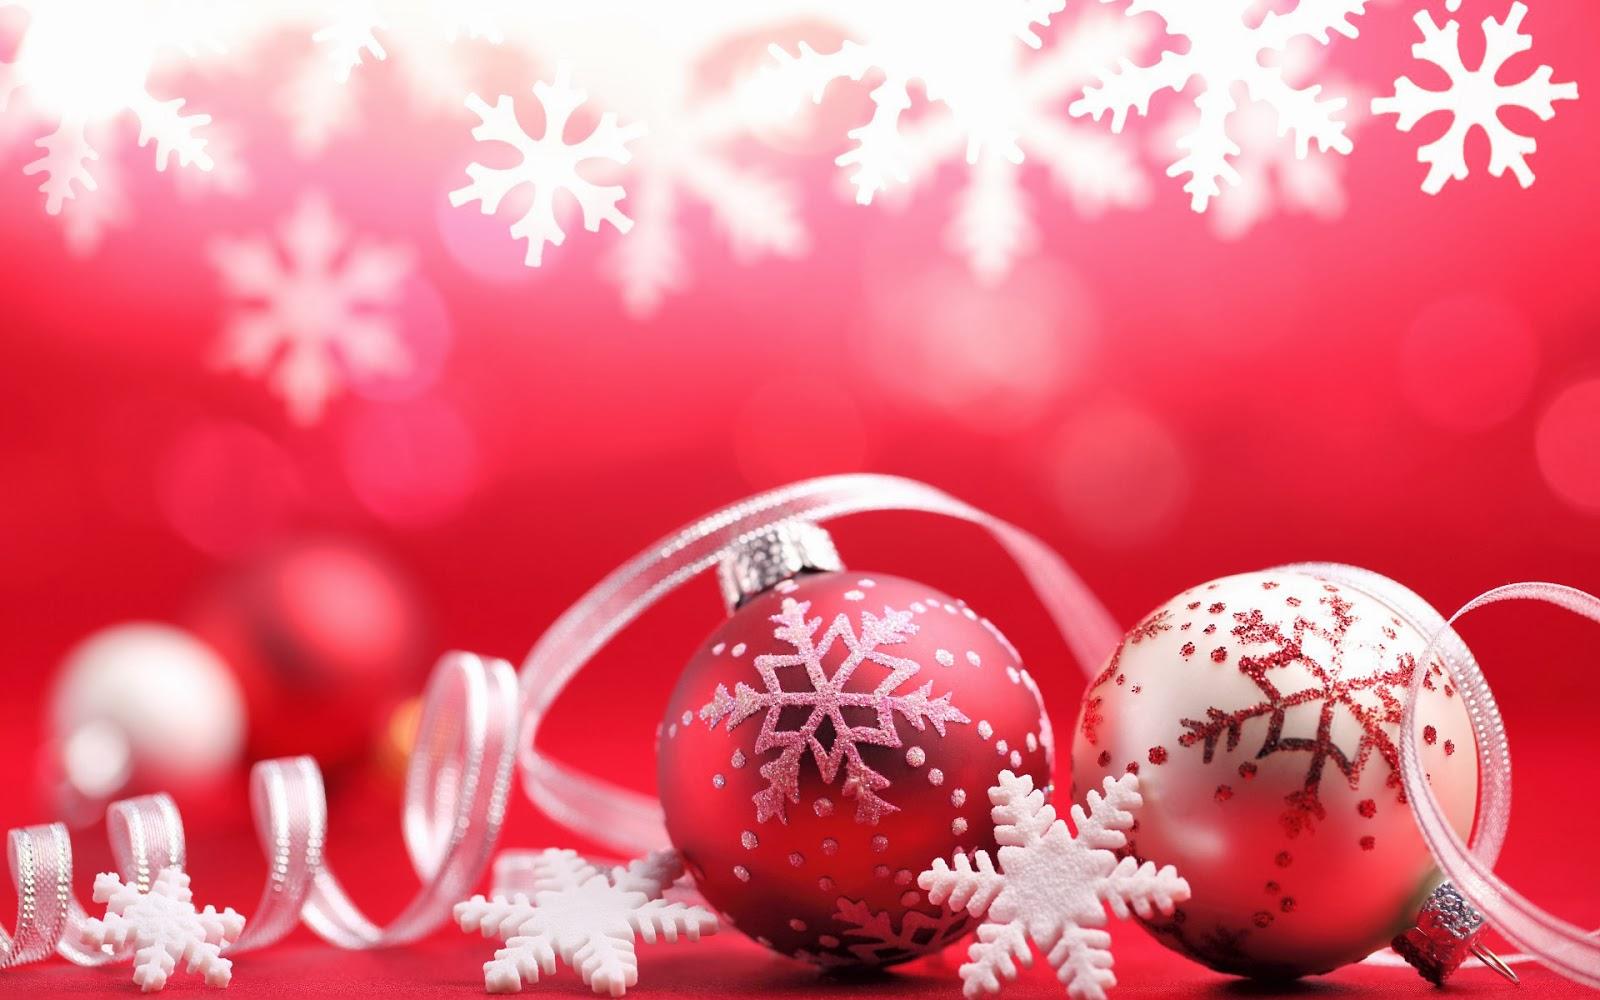 Weihnachten Hd Bilder.Bilder Roten Wallpaper Mit Weihnachtskugeln Und Schnee Hd